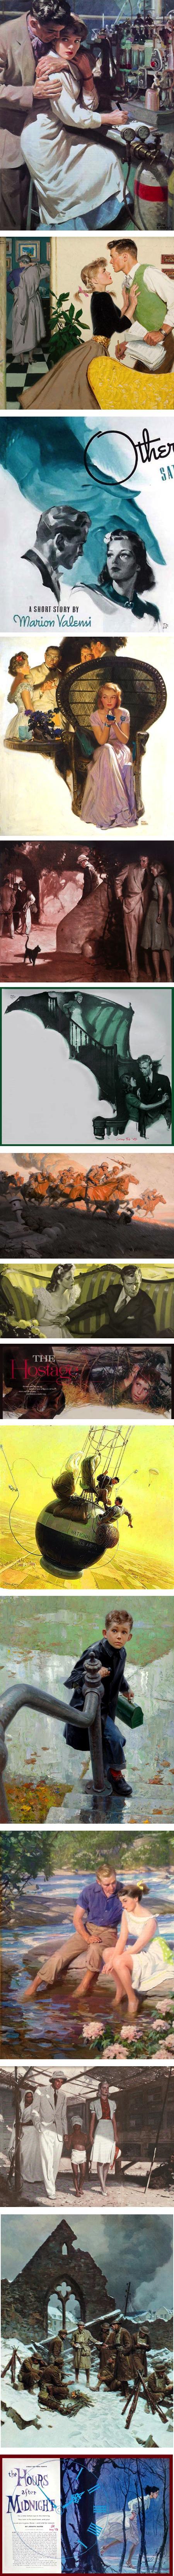 Tom Lovell illustrations